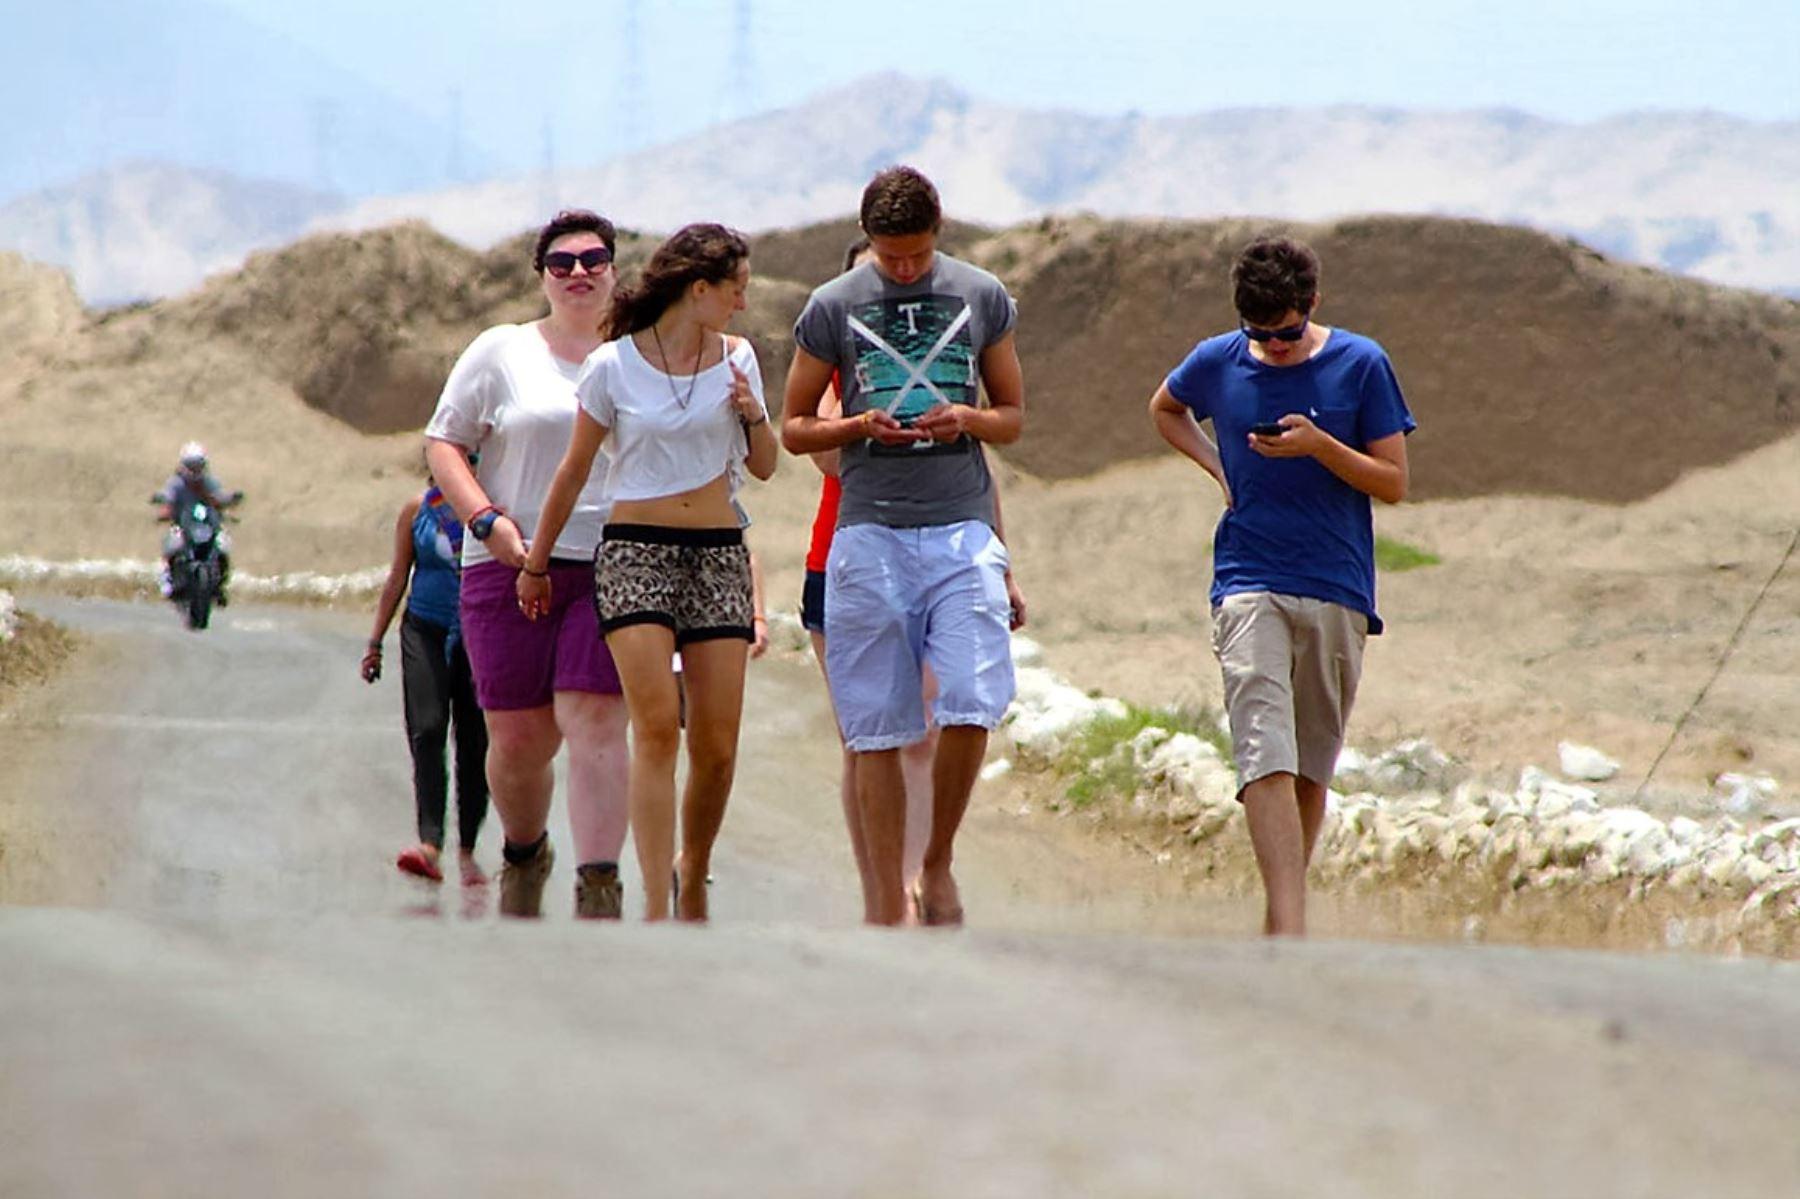 Turistas de Estados Unidos encabezan la lista de viajeros extranjeros que visitan complejo arqueológico Chan Chan, en Trujillo. ANDINA